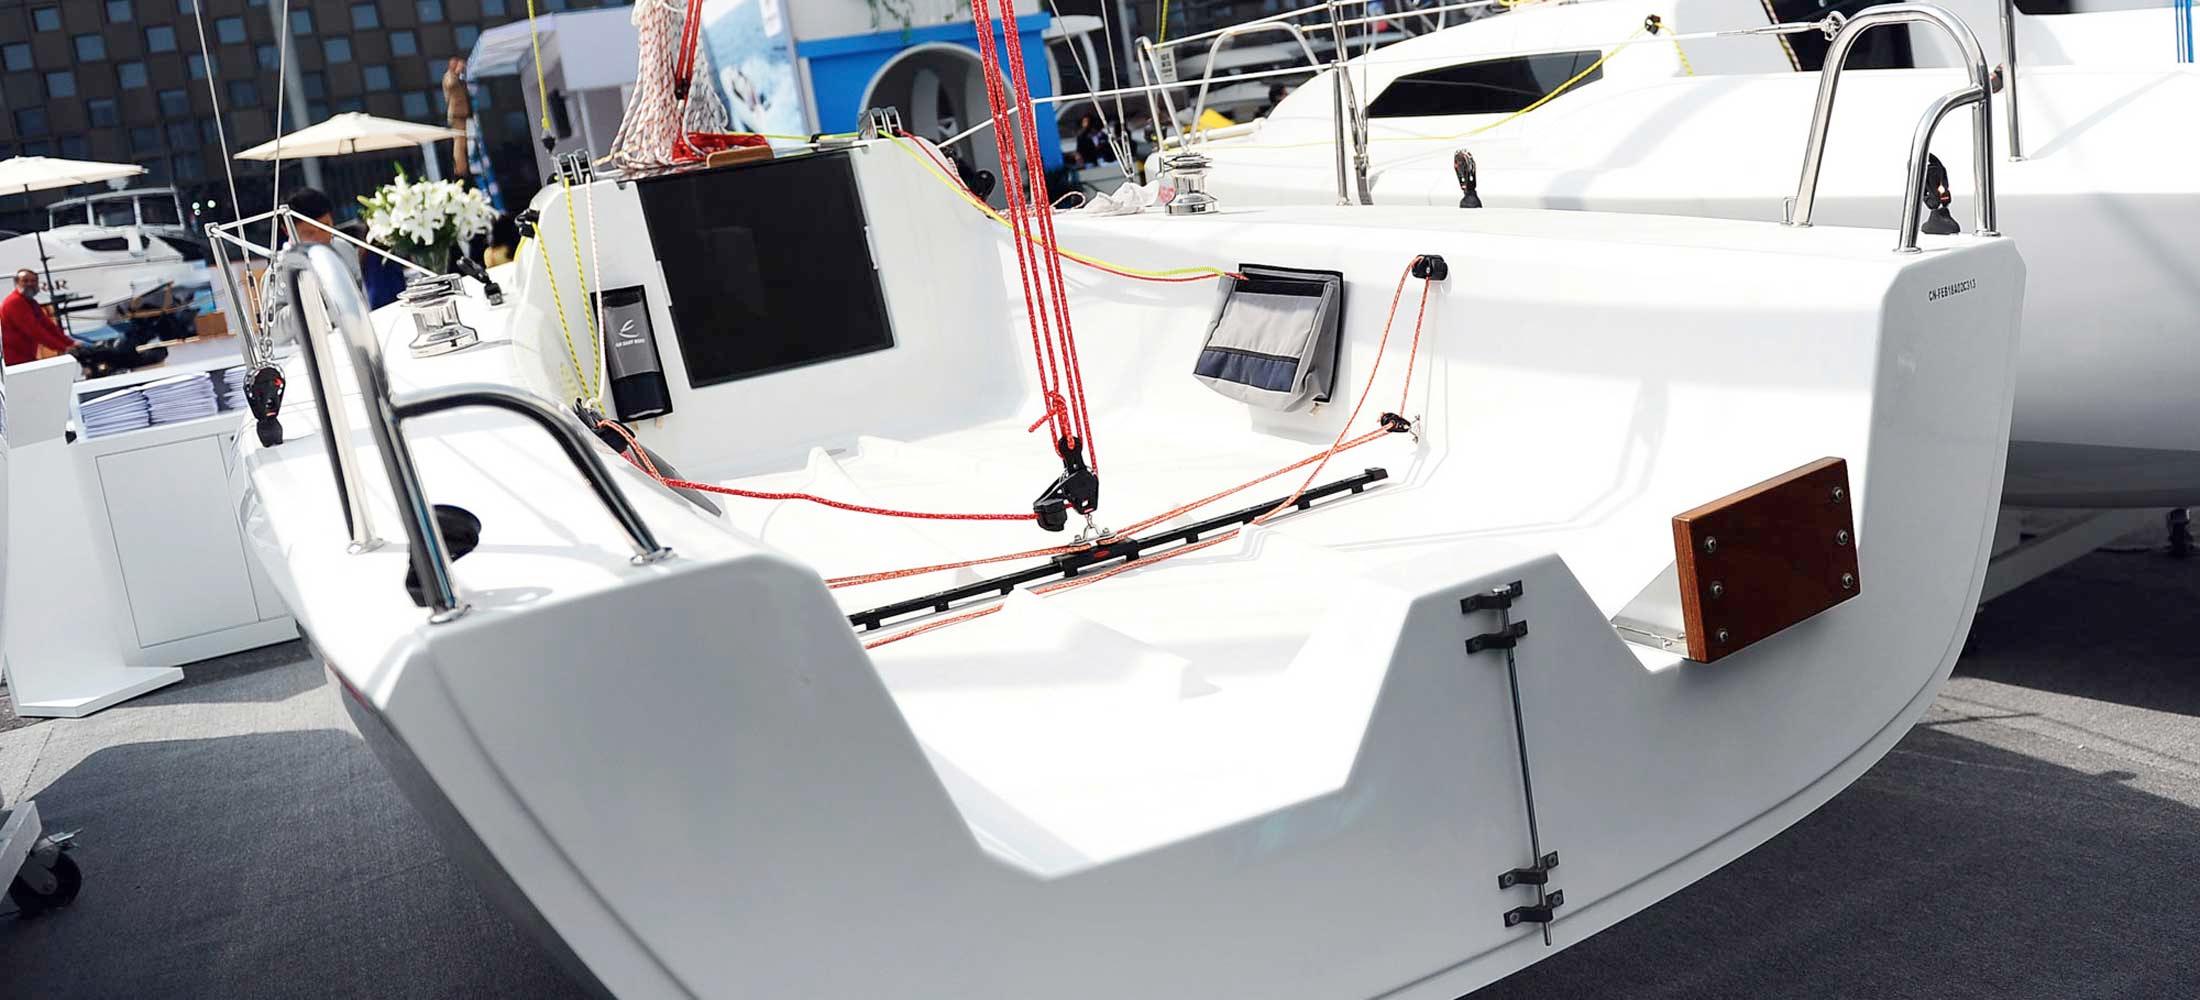 """雅马哈,帆船运动,室内设计,碳纤维,排水量 福利:7万一条处理""""珐伊18""""帆船【青岛】 54453579d9c3c95896.png"""